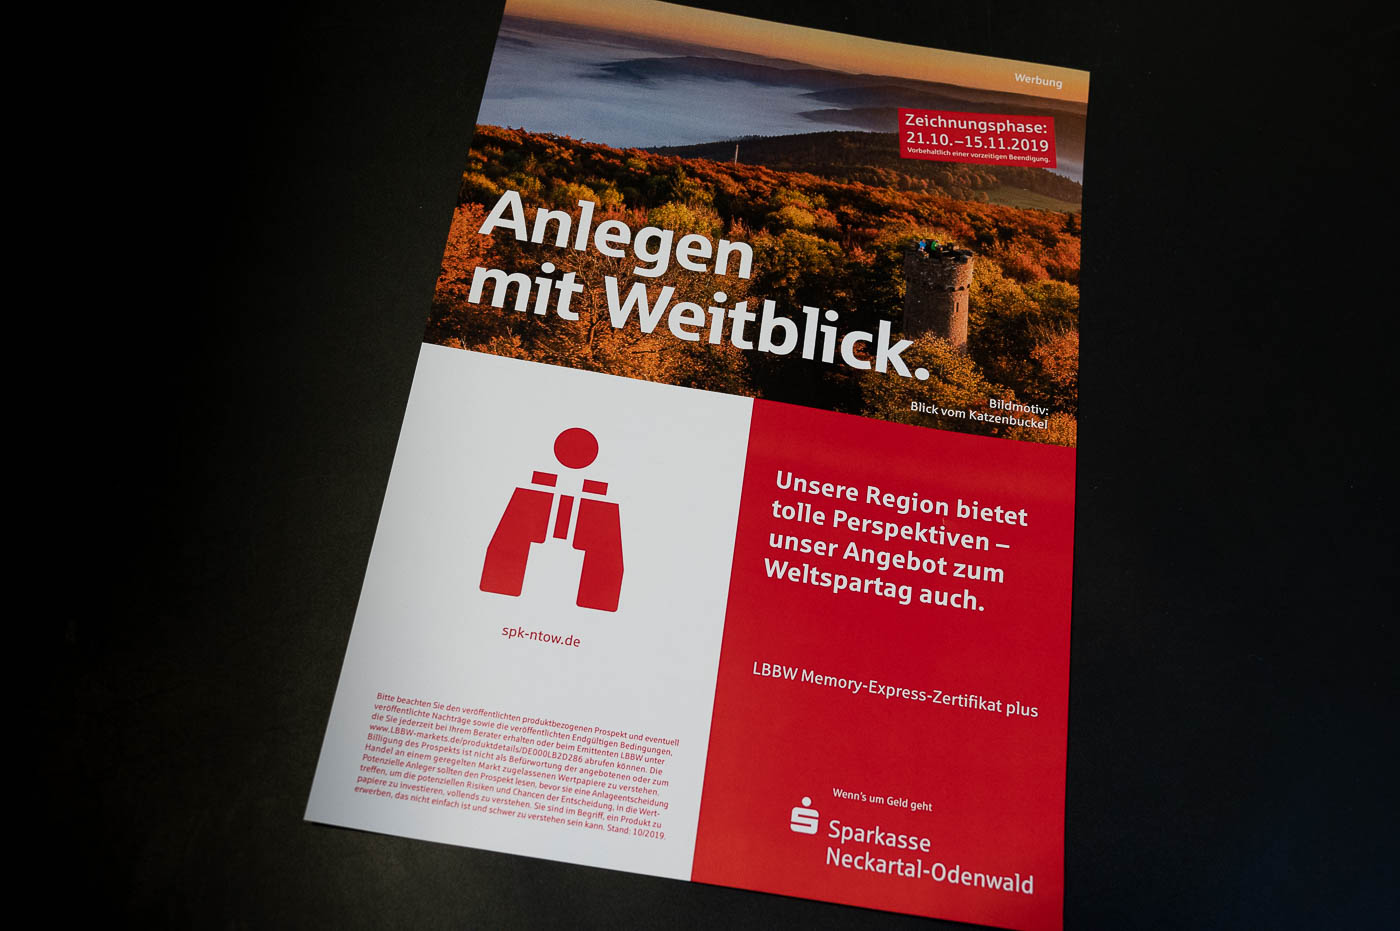 Werbung Sparkasse Neckartal-Odenwald